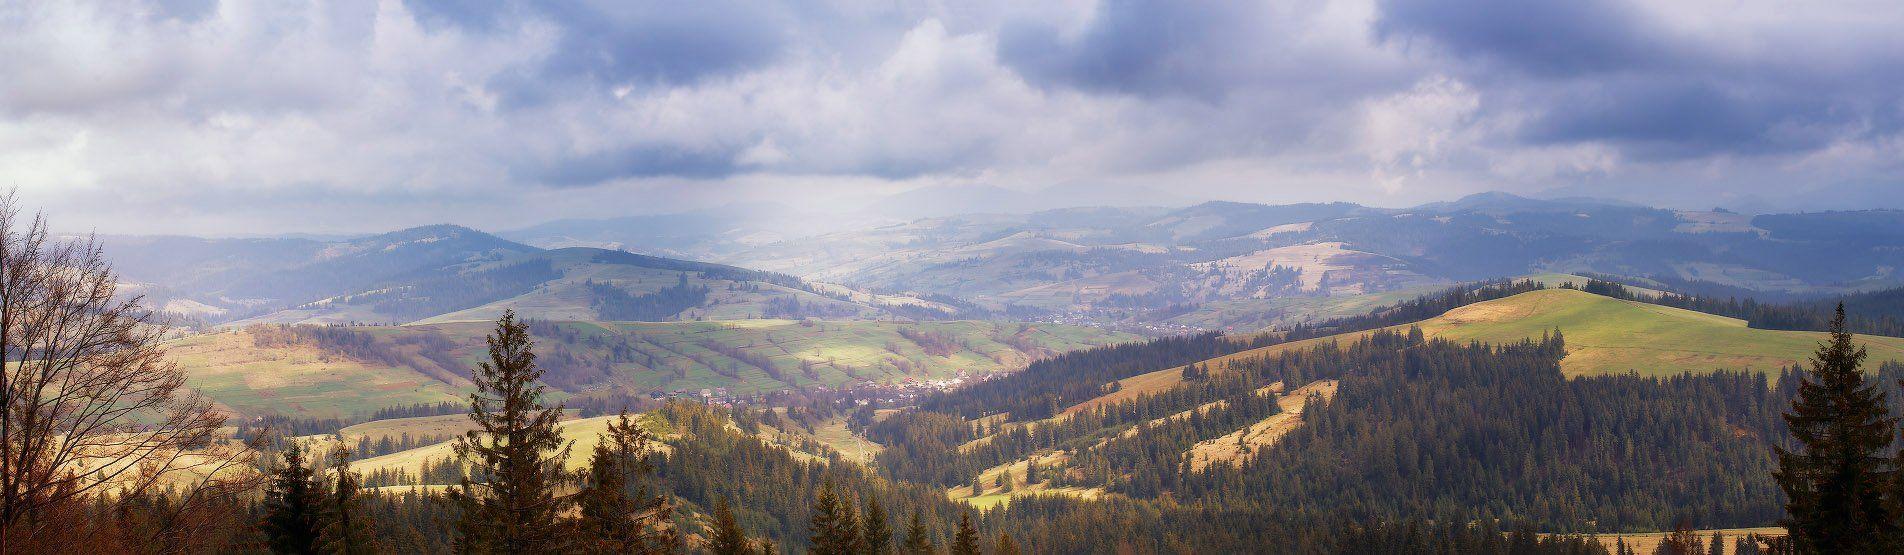 Апрель, Весна, Горы, День, Карпаты, Вейзе Максим